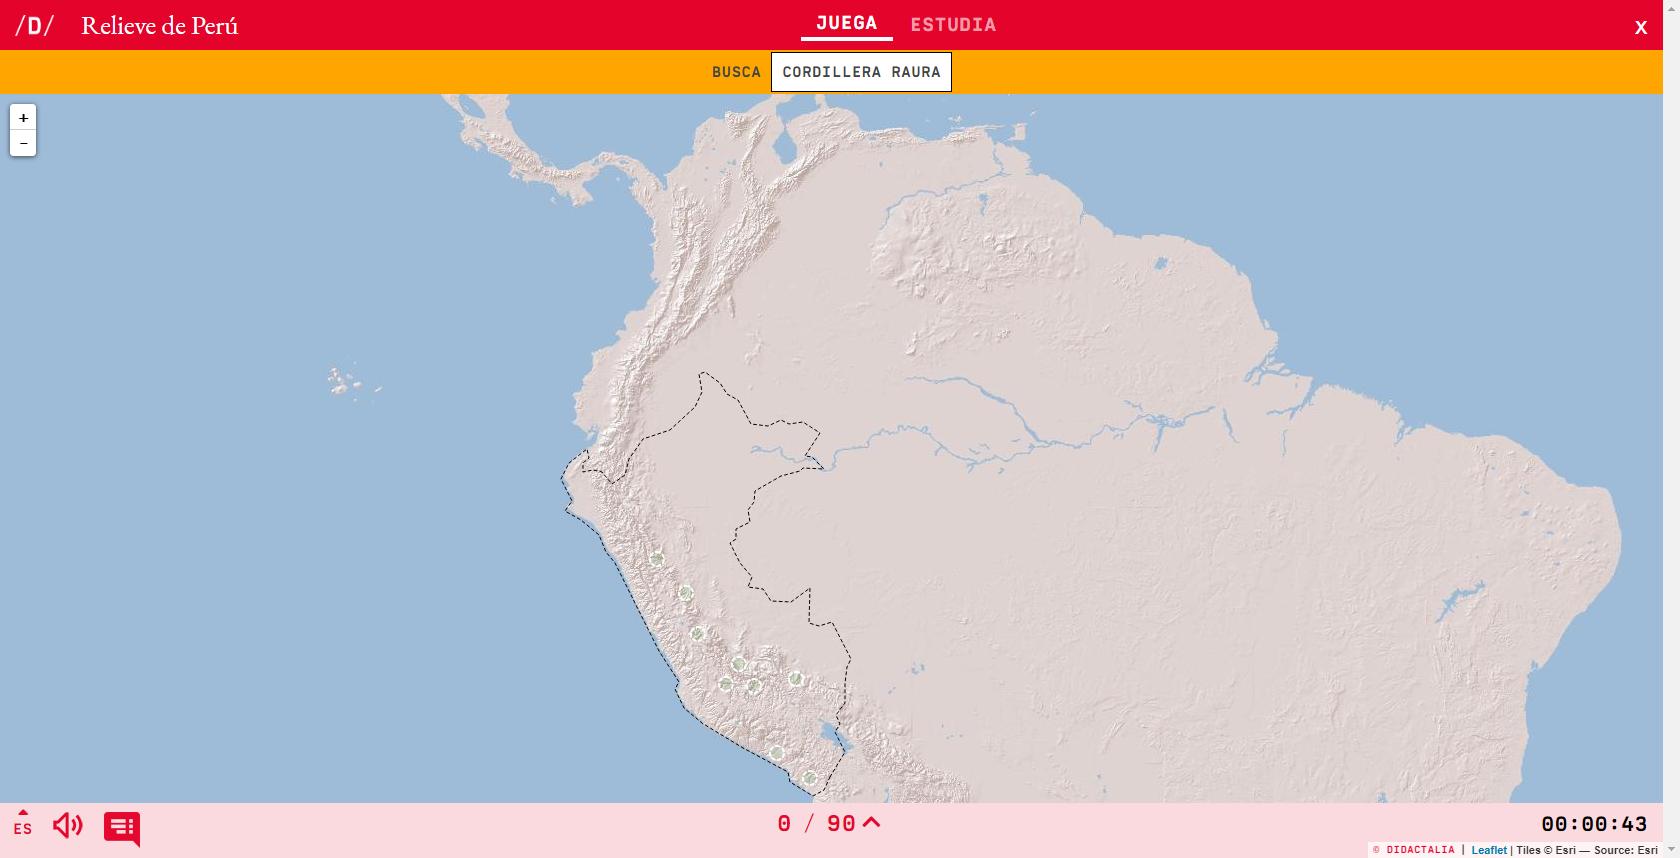 Relief du Pérou